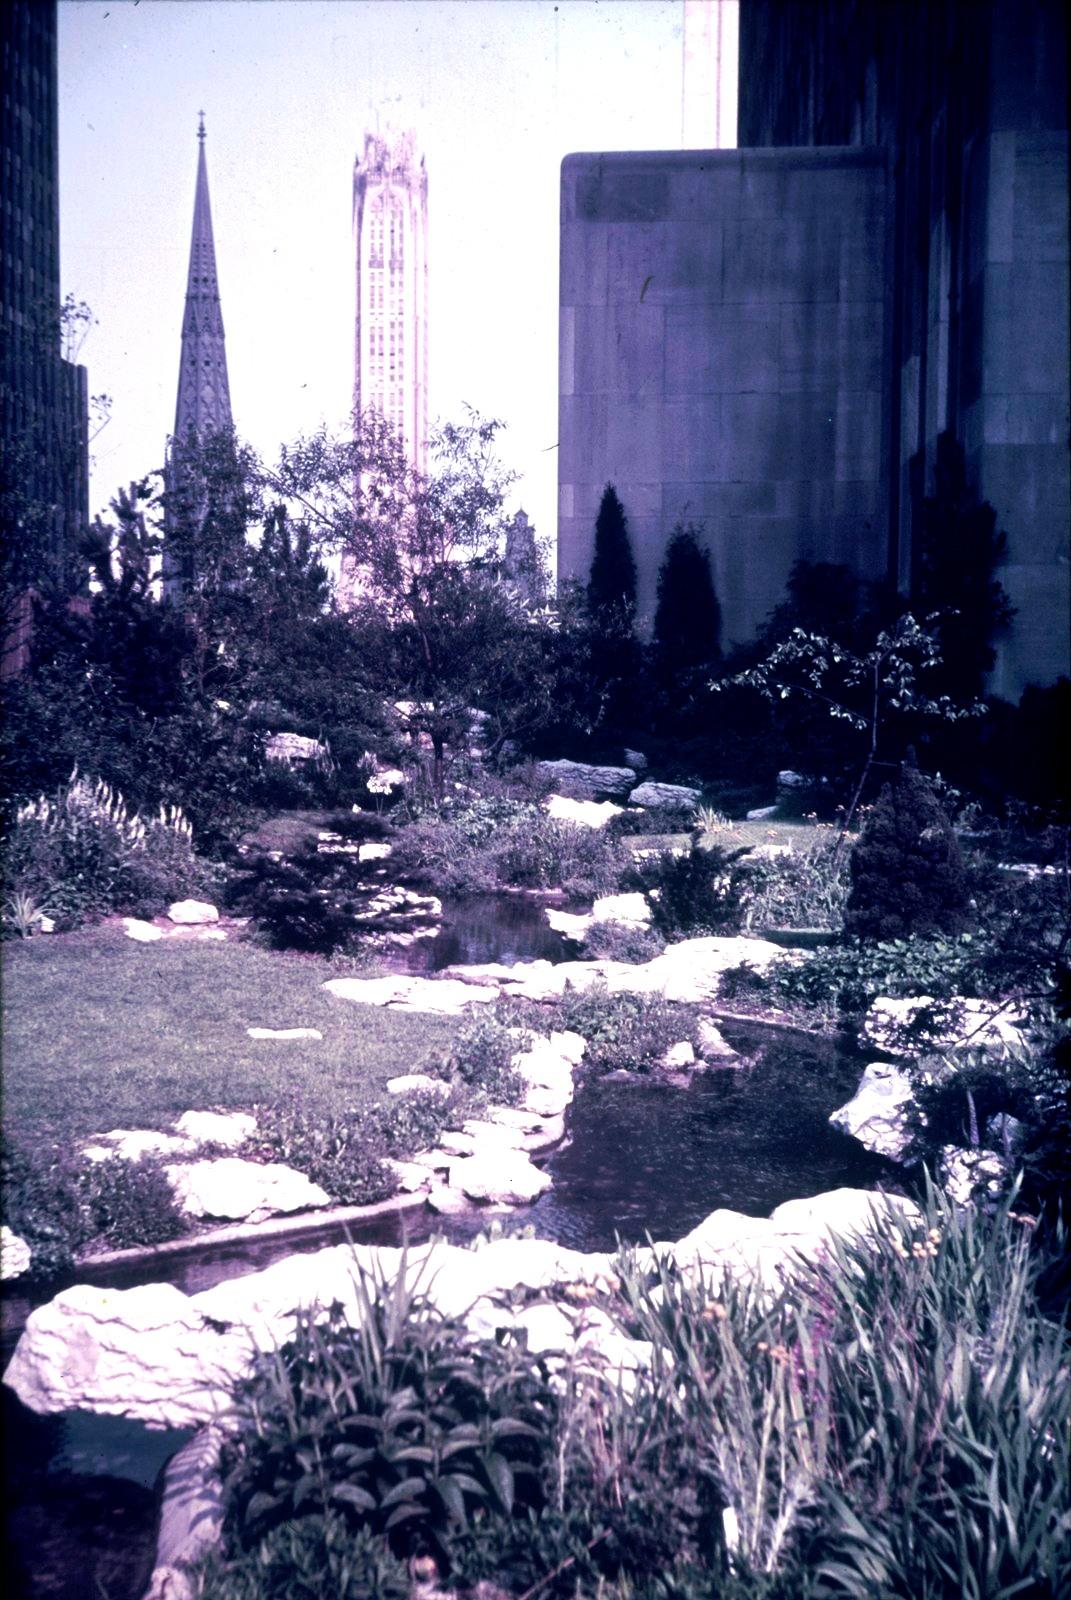 Нью-Йорк. Японский сад с видом на небоскреб  Лексингтон-авеню